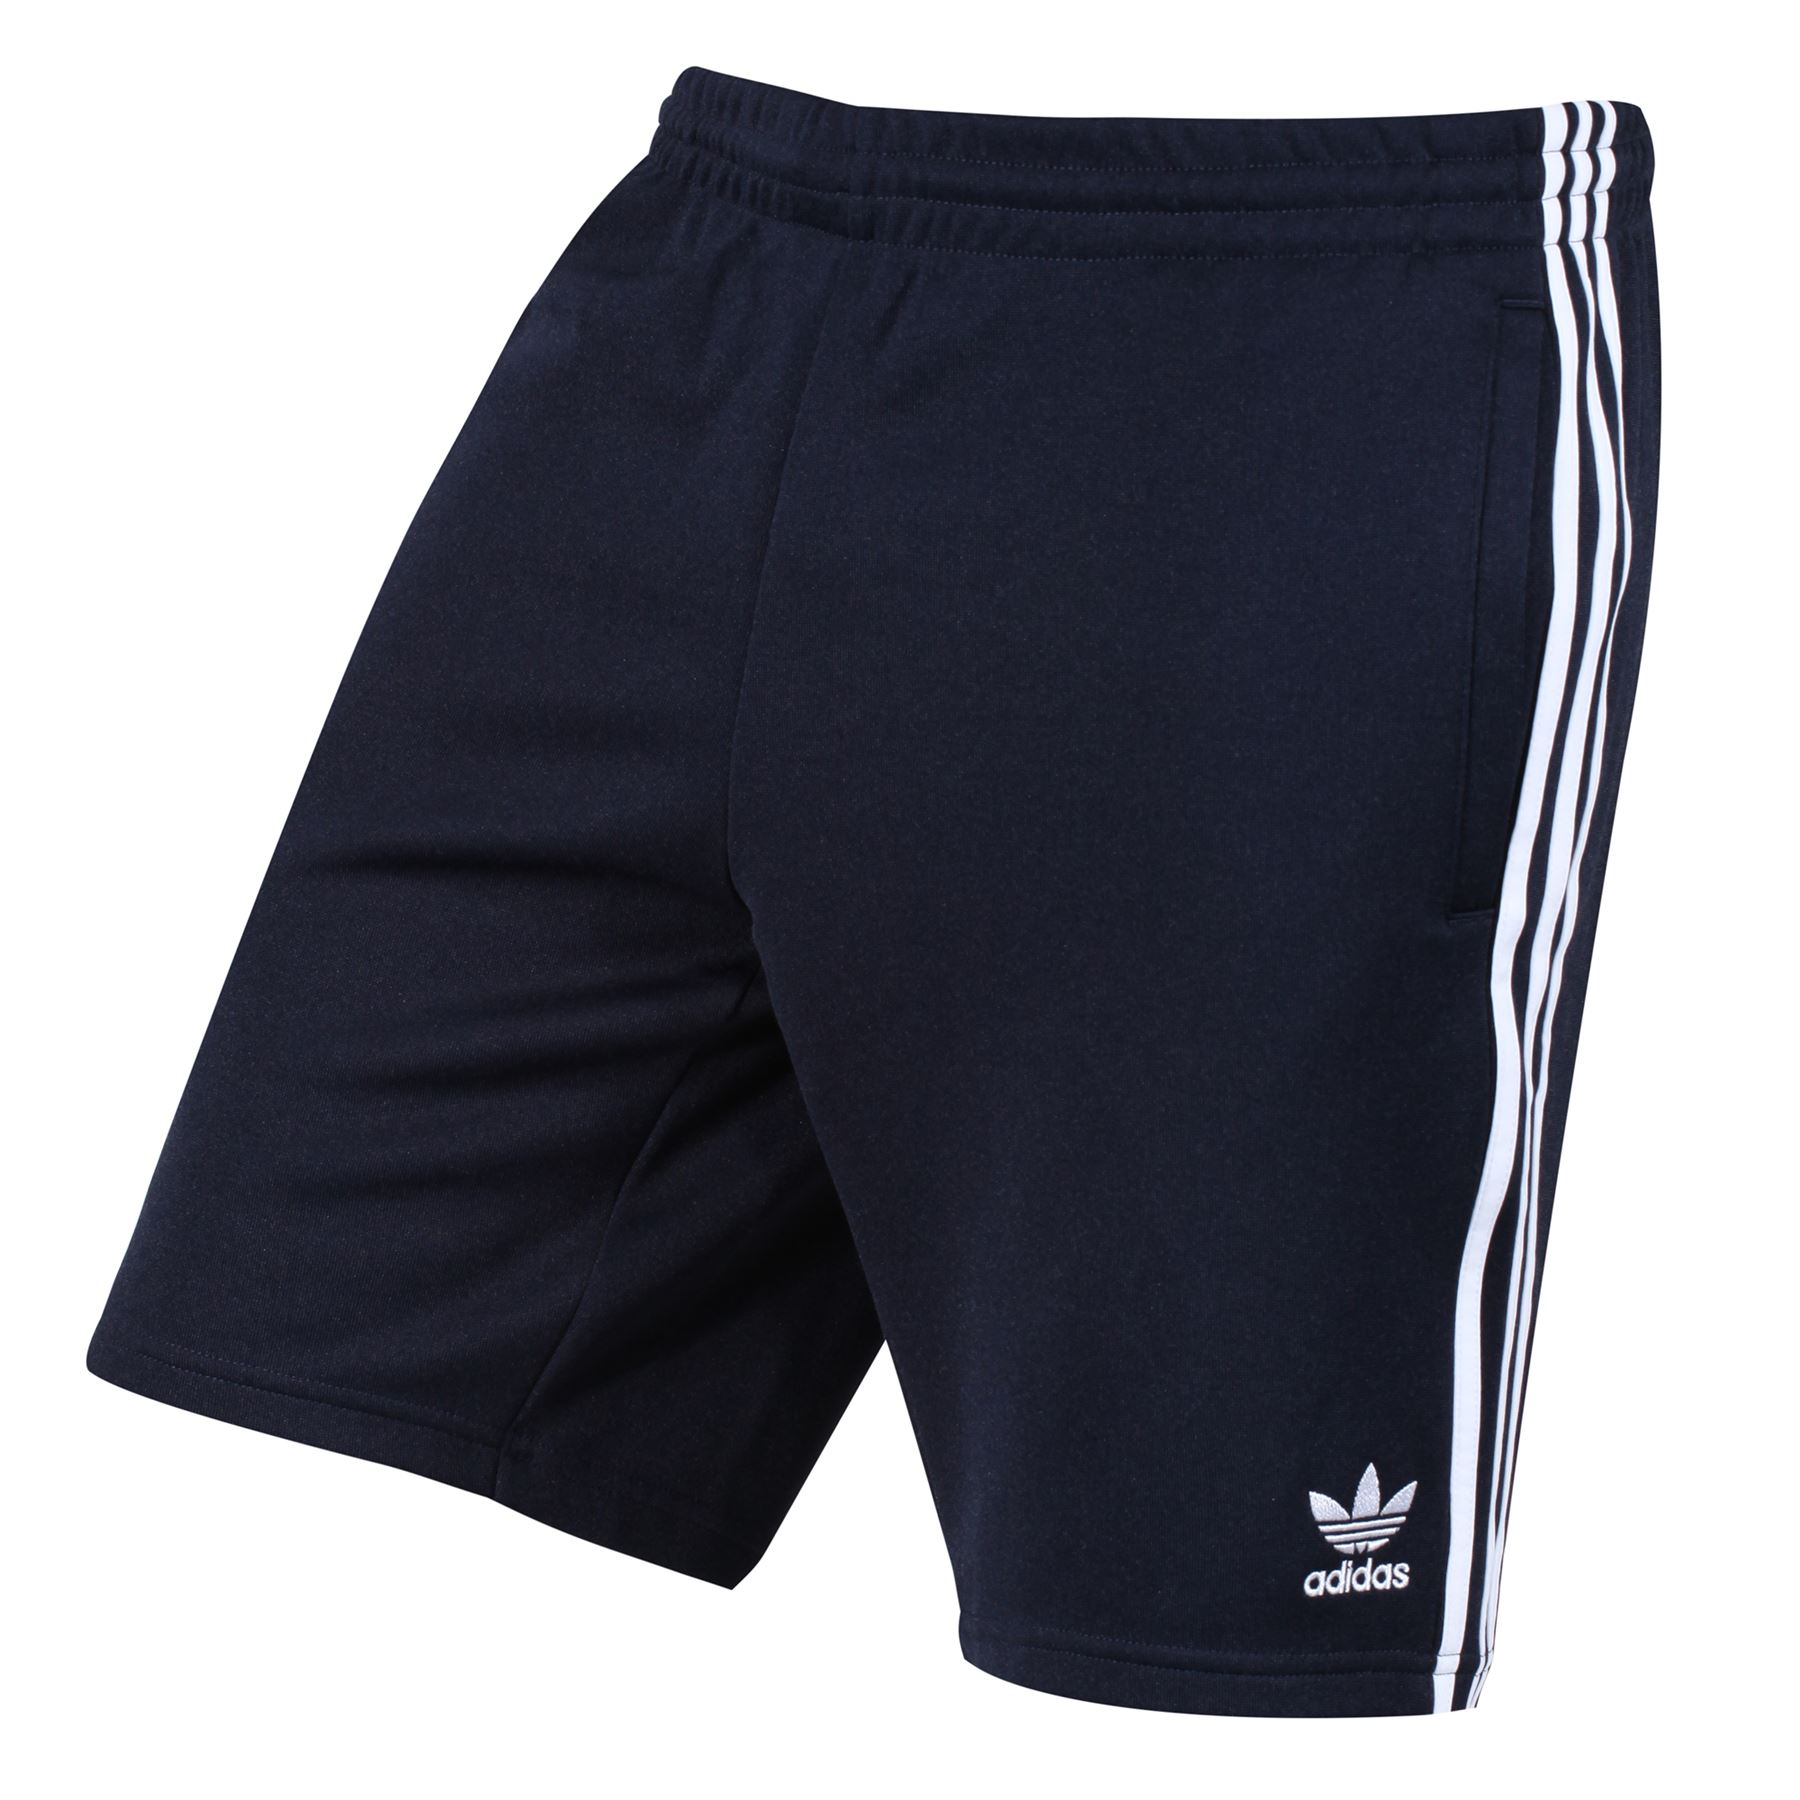 adidas Originals Men's Superstar Shorts Navy